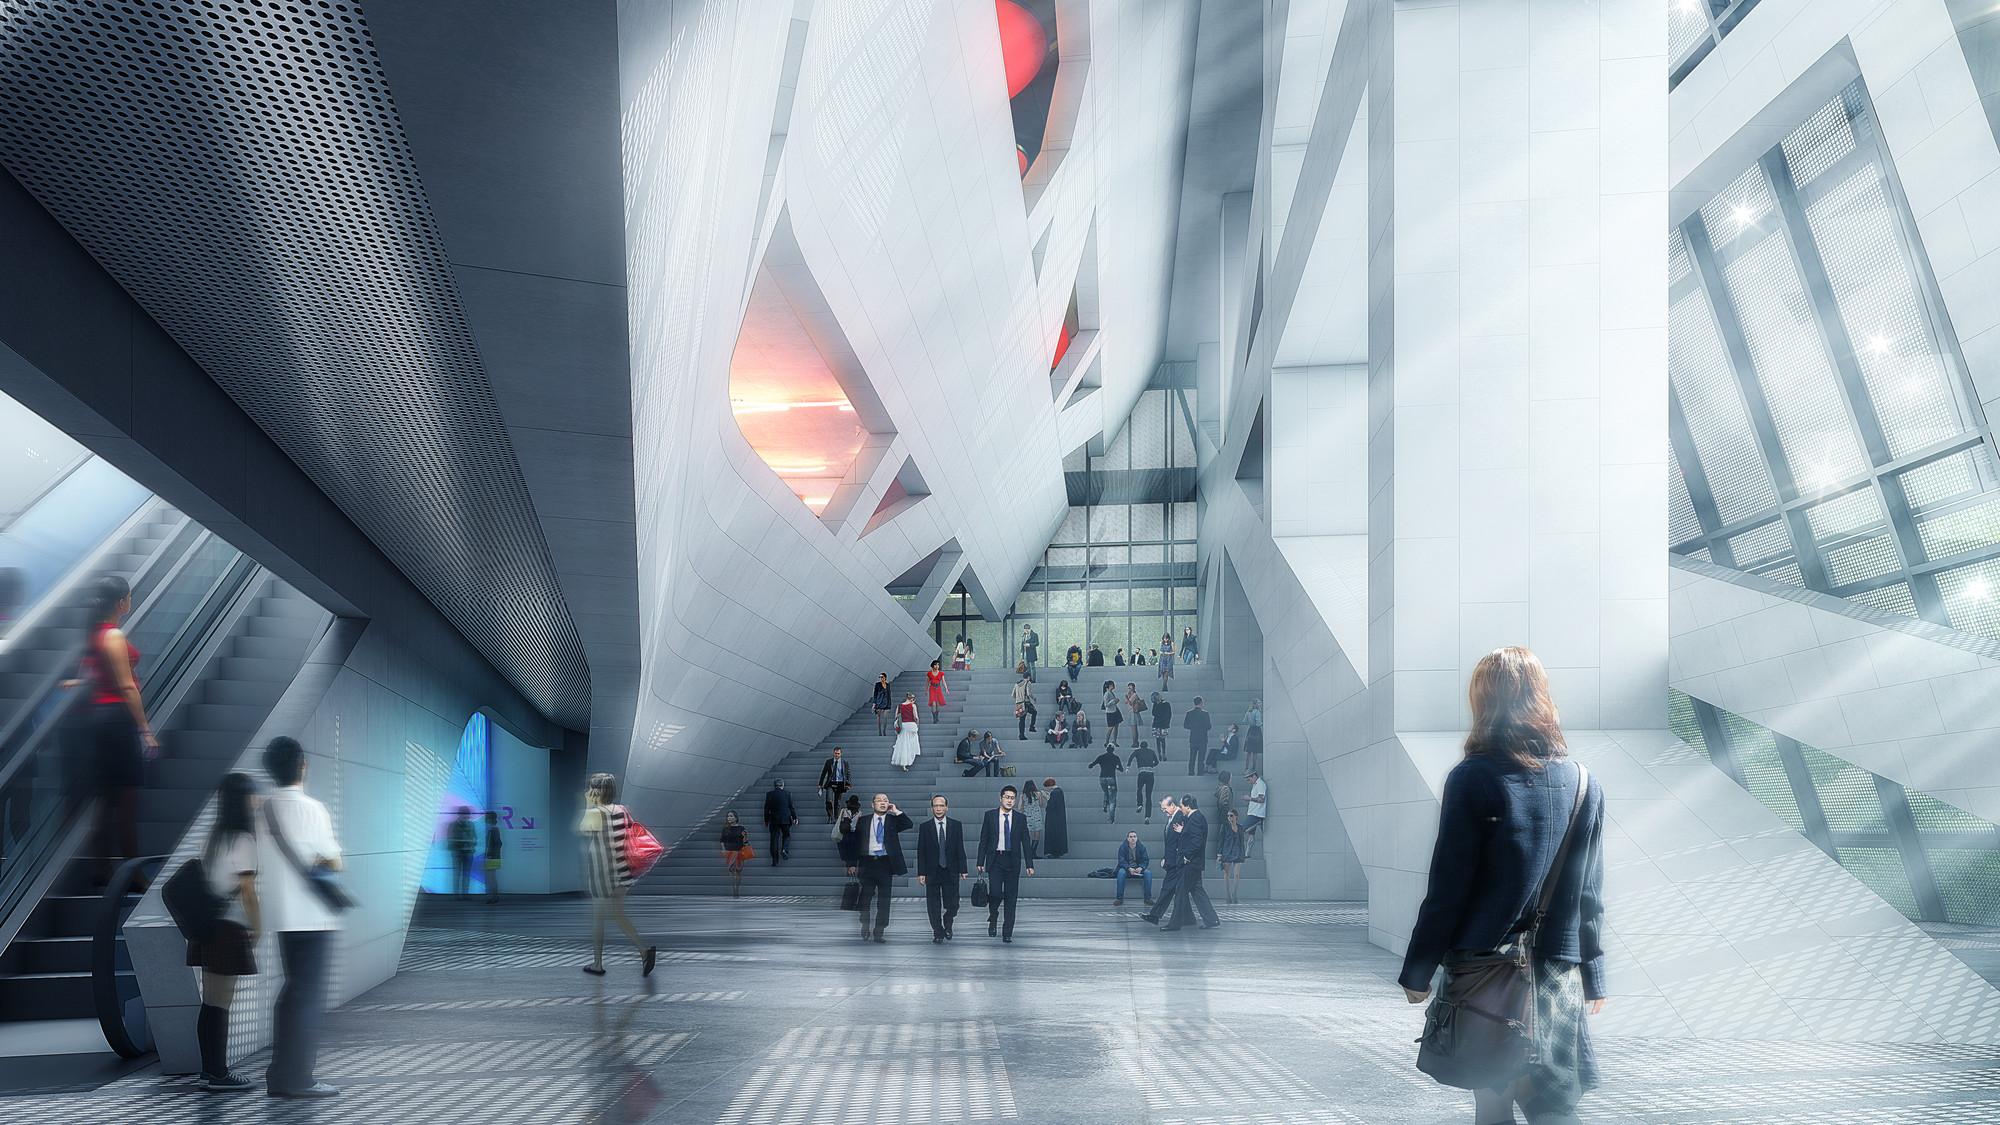 Lobby. Image © Luxigon, courtesy of Morphosis Architects